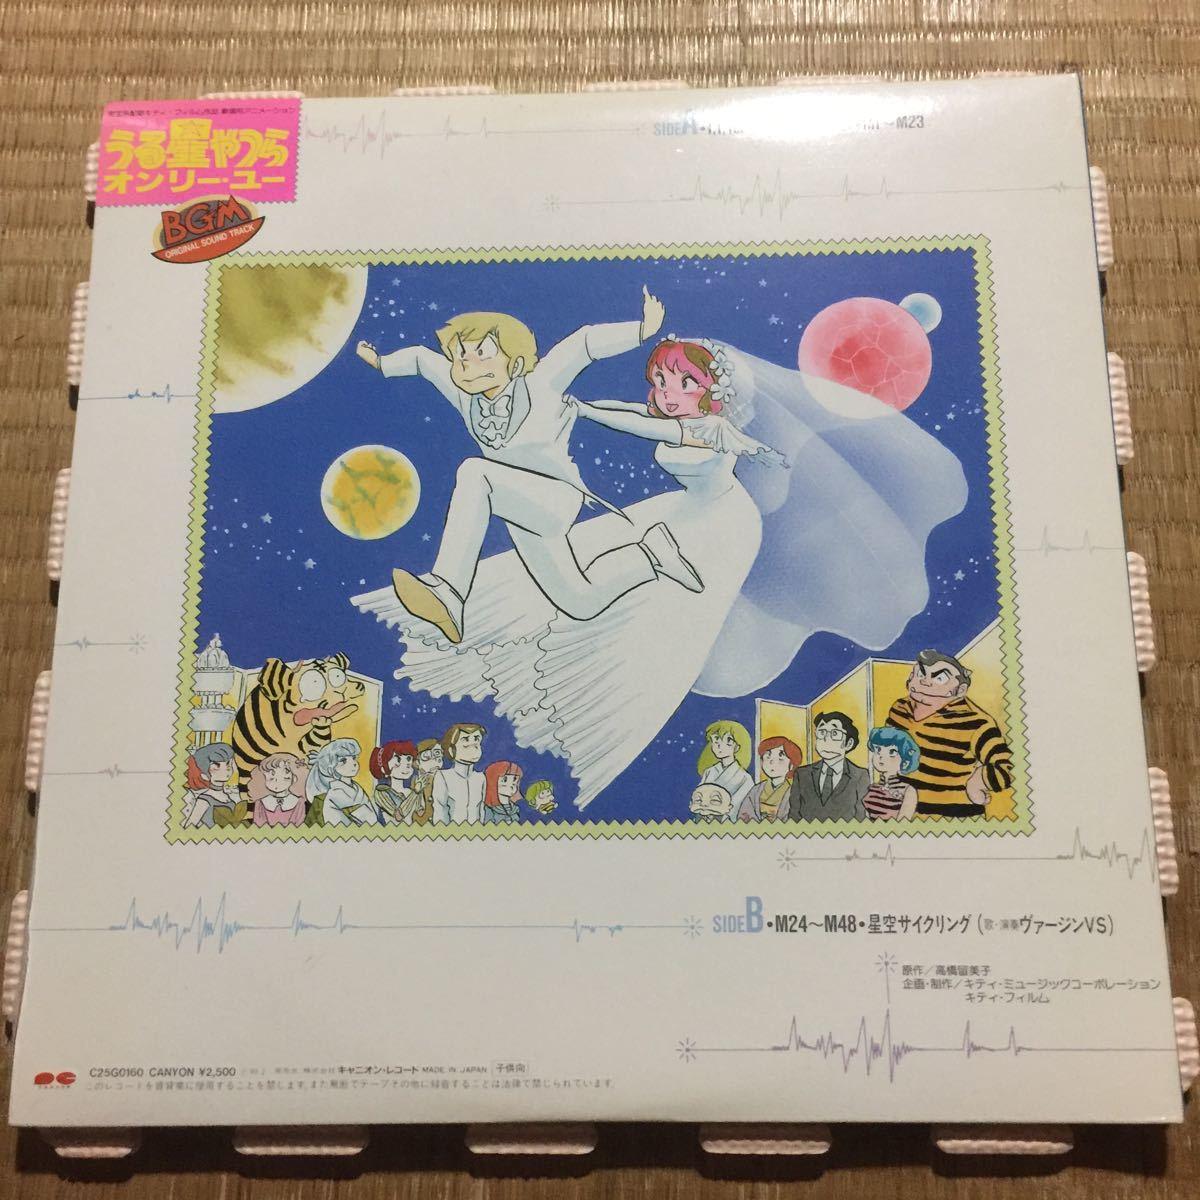 うる星やつら オンリー・ユー BGM オリジナル・サウンドトラック 国内盤帯付きレコード【Wジャケット】_画像2